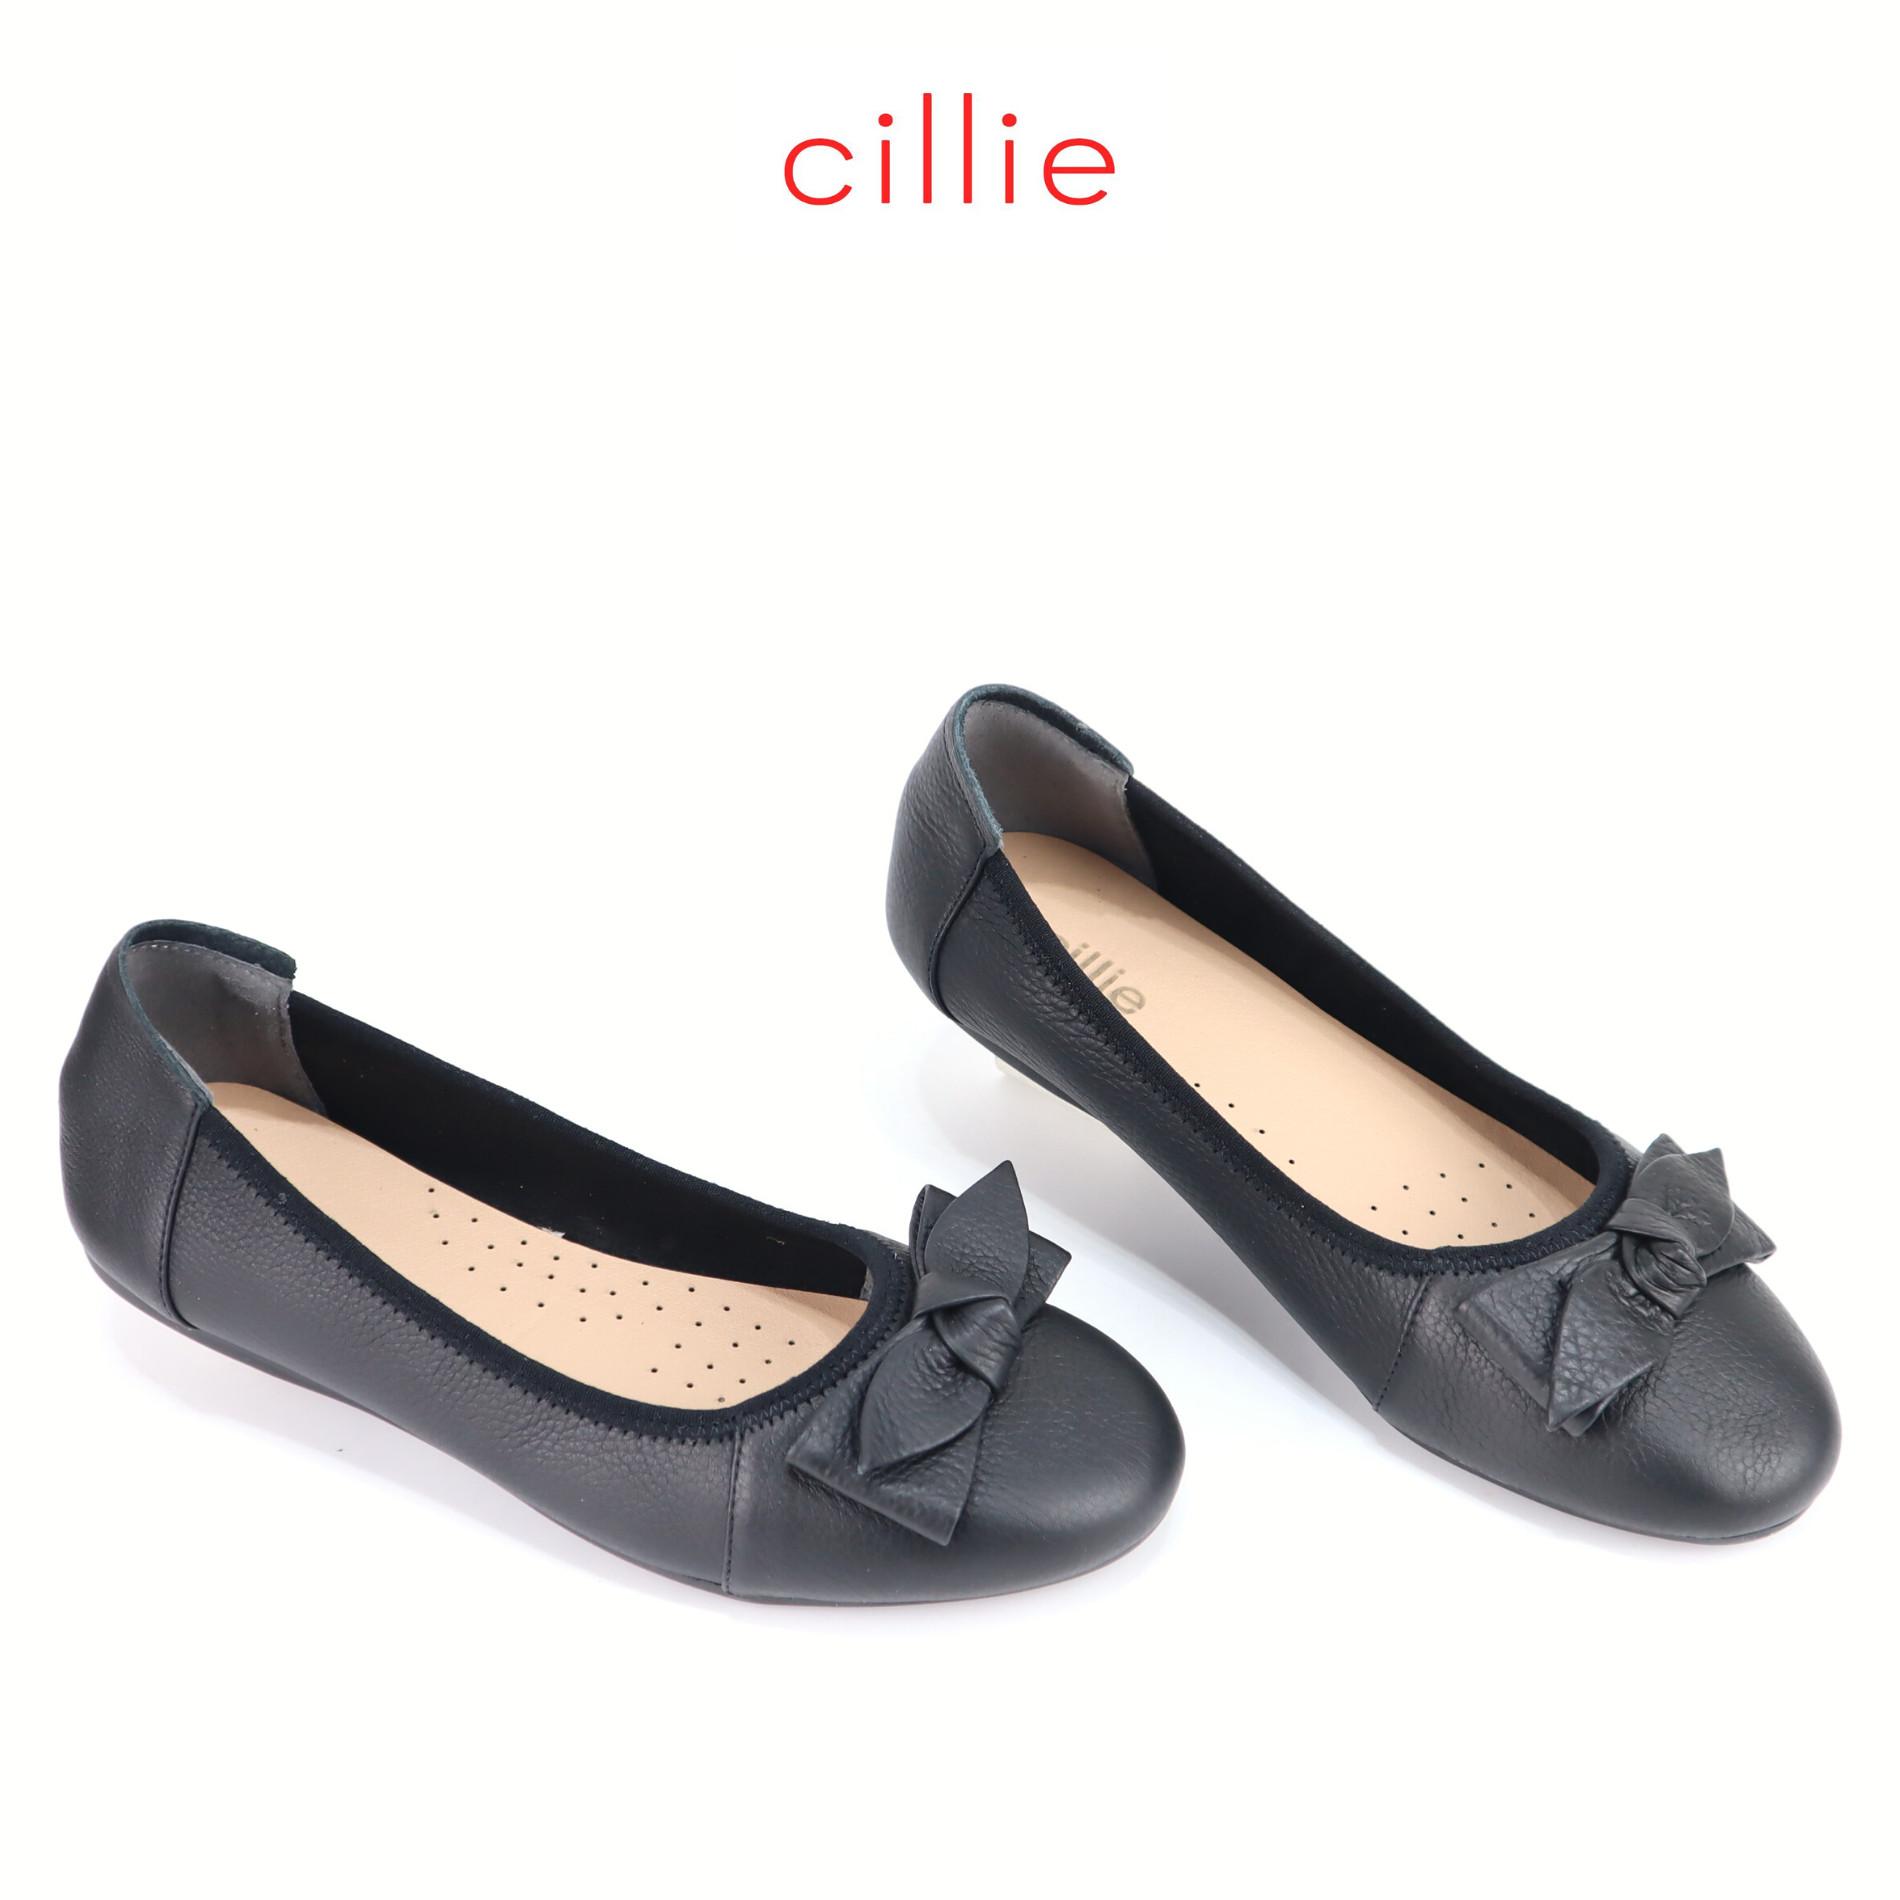 Giày búp bê đế bằng Cillie da thật phối nơ 1193